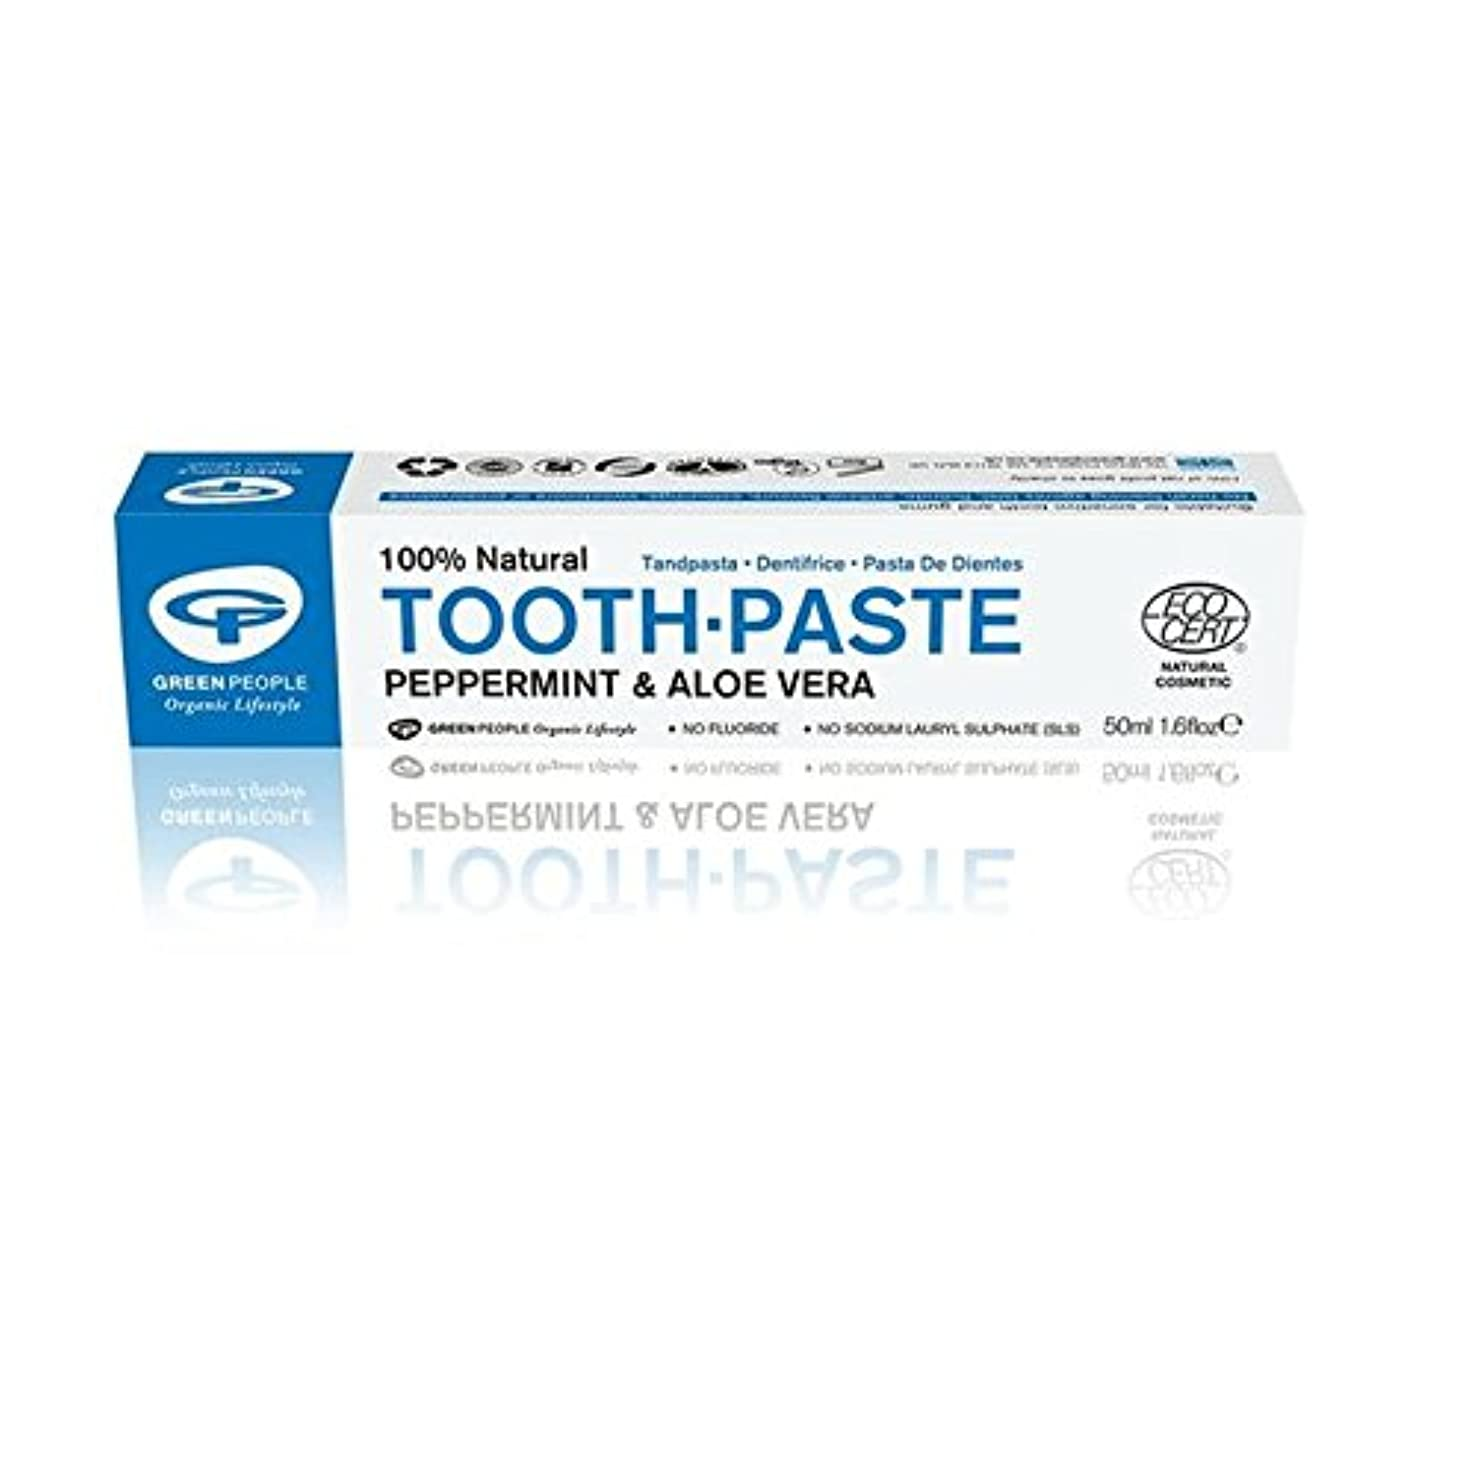 最初不一致テクスチャー緑の人々の自然ミント歯磨き粉50ミリリットル x2 - Green People Natural Mint Toothpaste 50ml (Pack of 2) [並行輸入品]